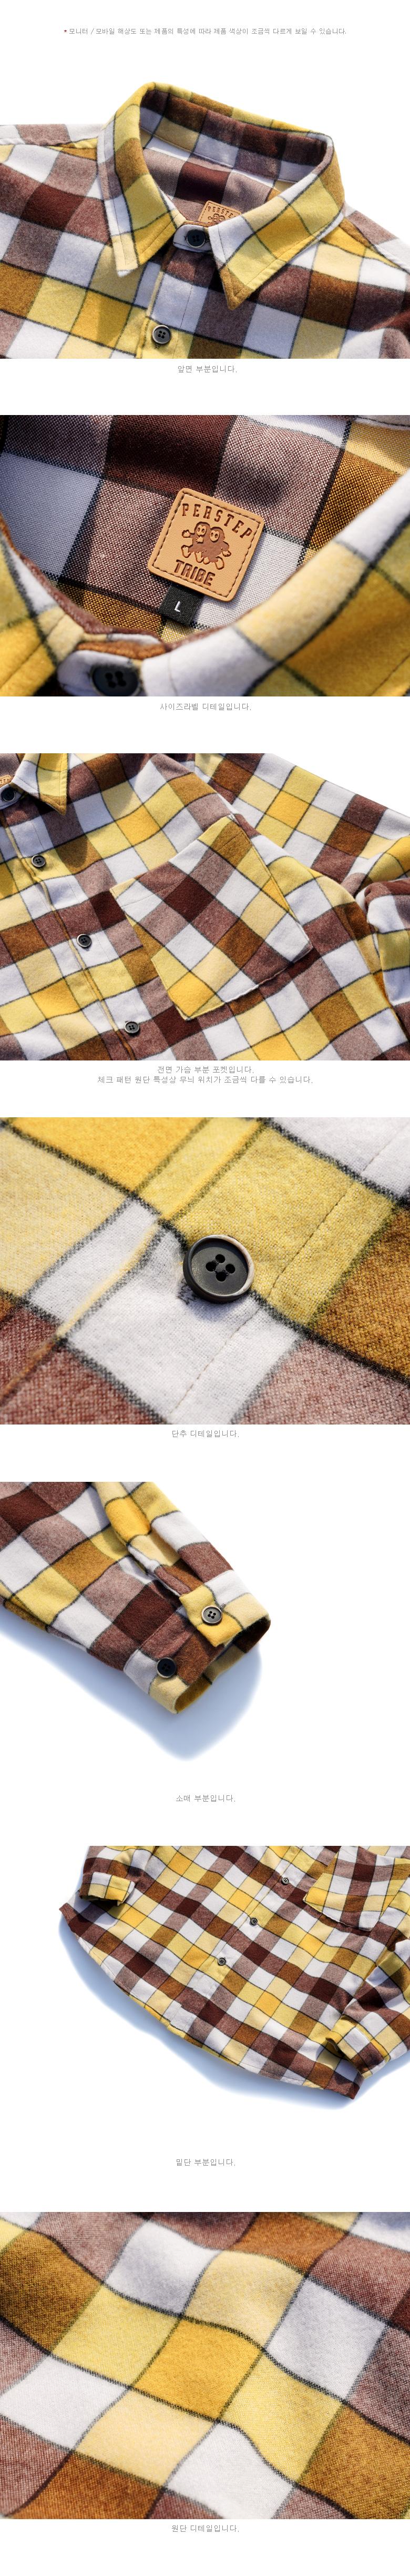 4326_detail_yellow_bj_02.jpg